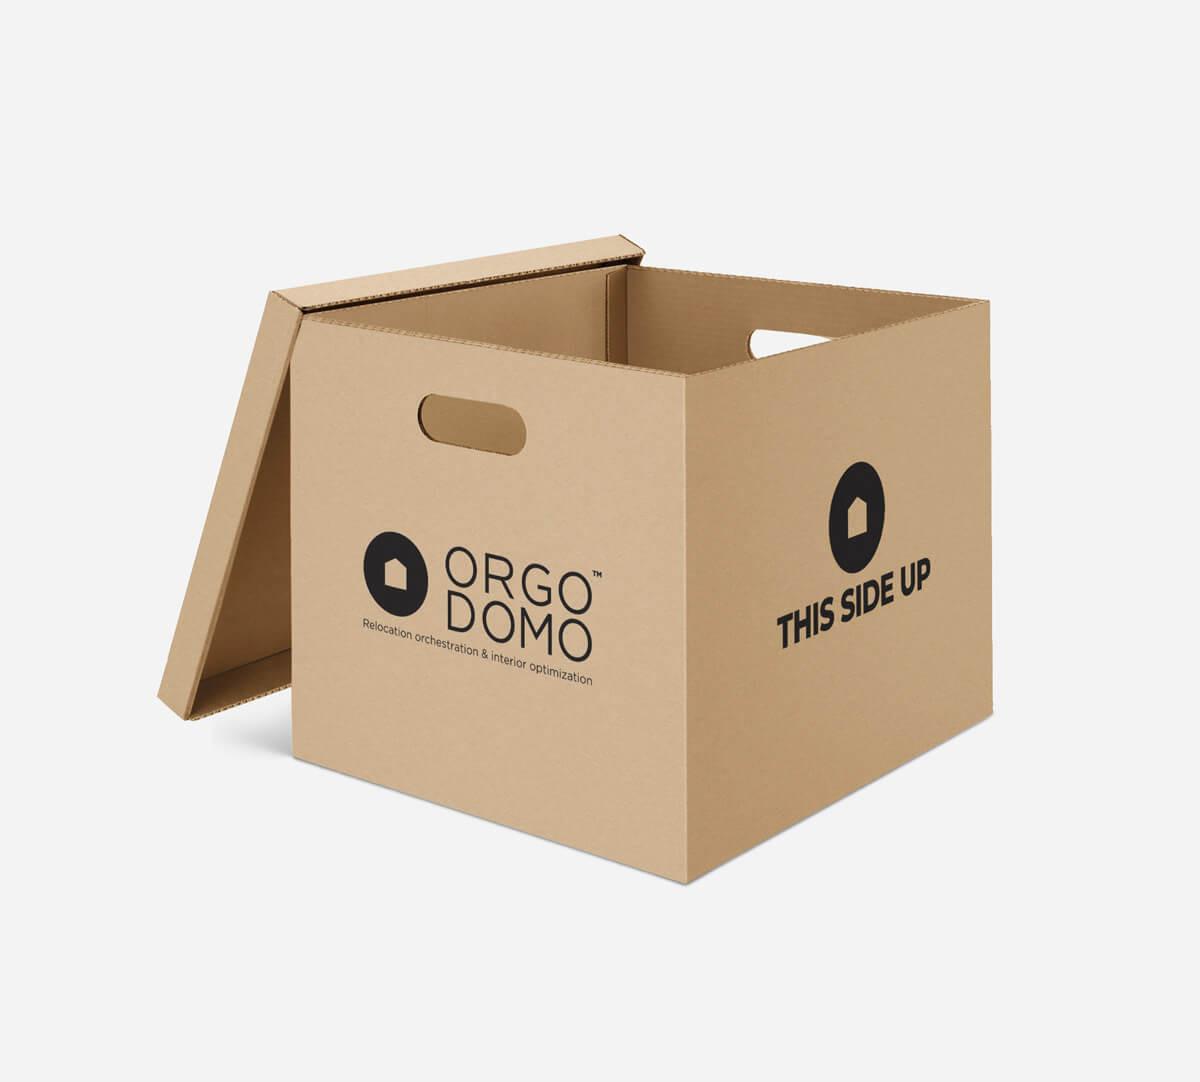 orgodomo-moving-box